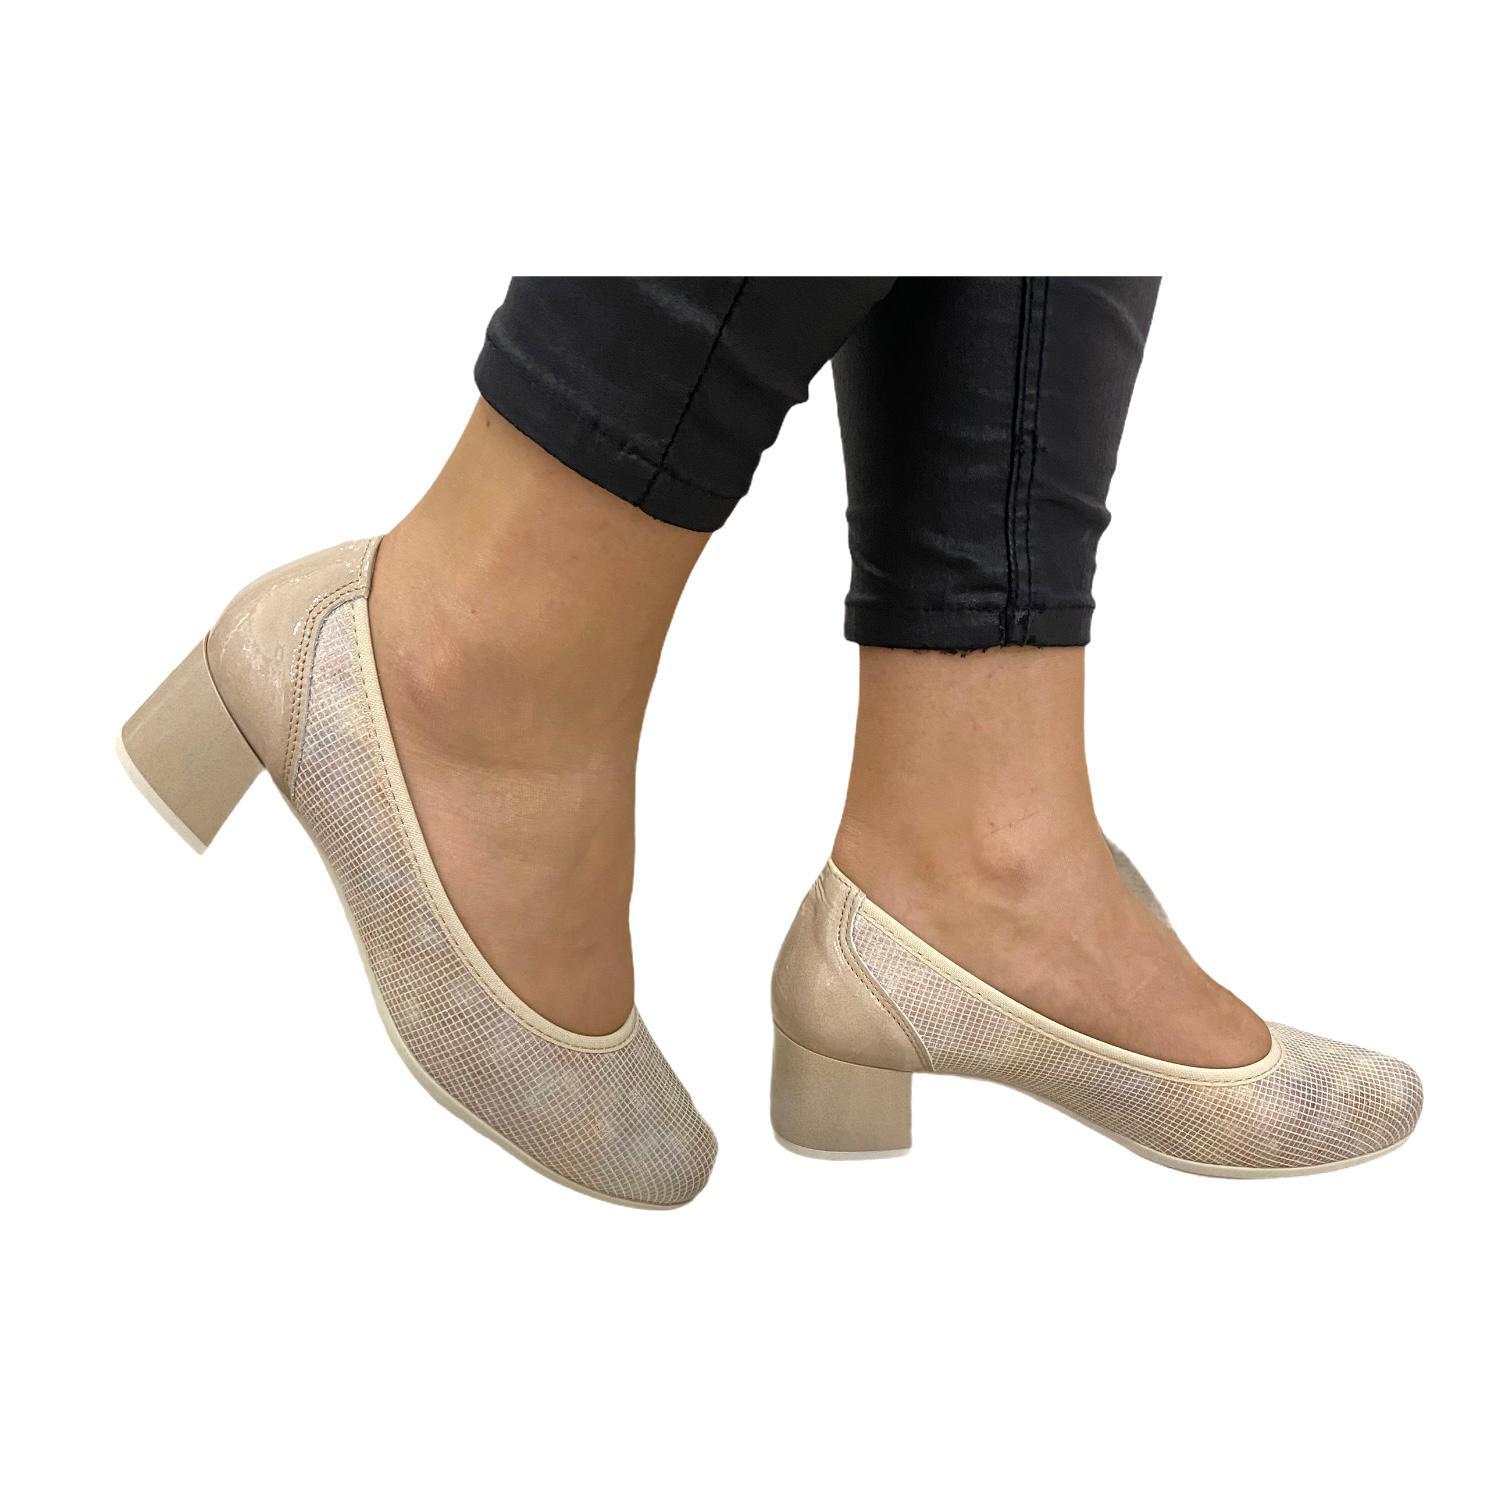 Pantofi Pitillos bej cu model in relief